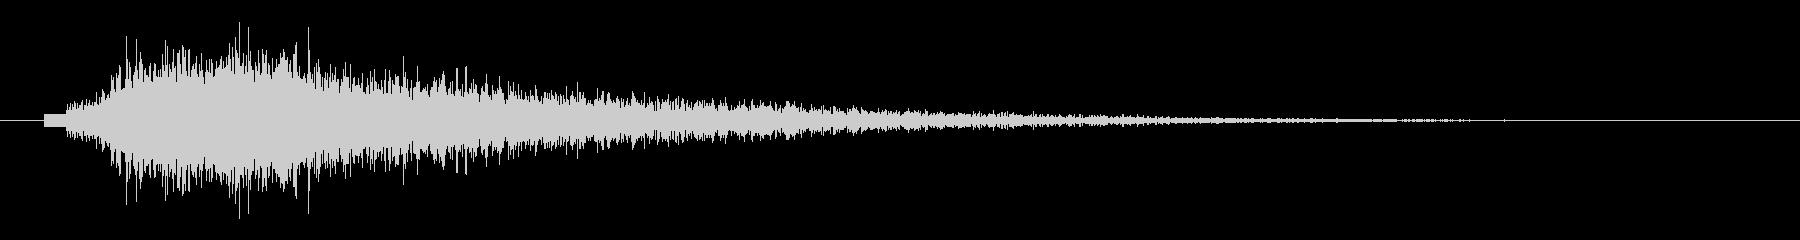 クリークのうめき声遠い長い抽象クリーク2の未再生の波形